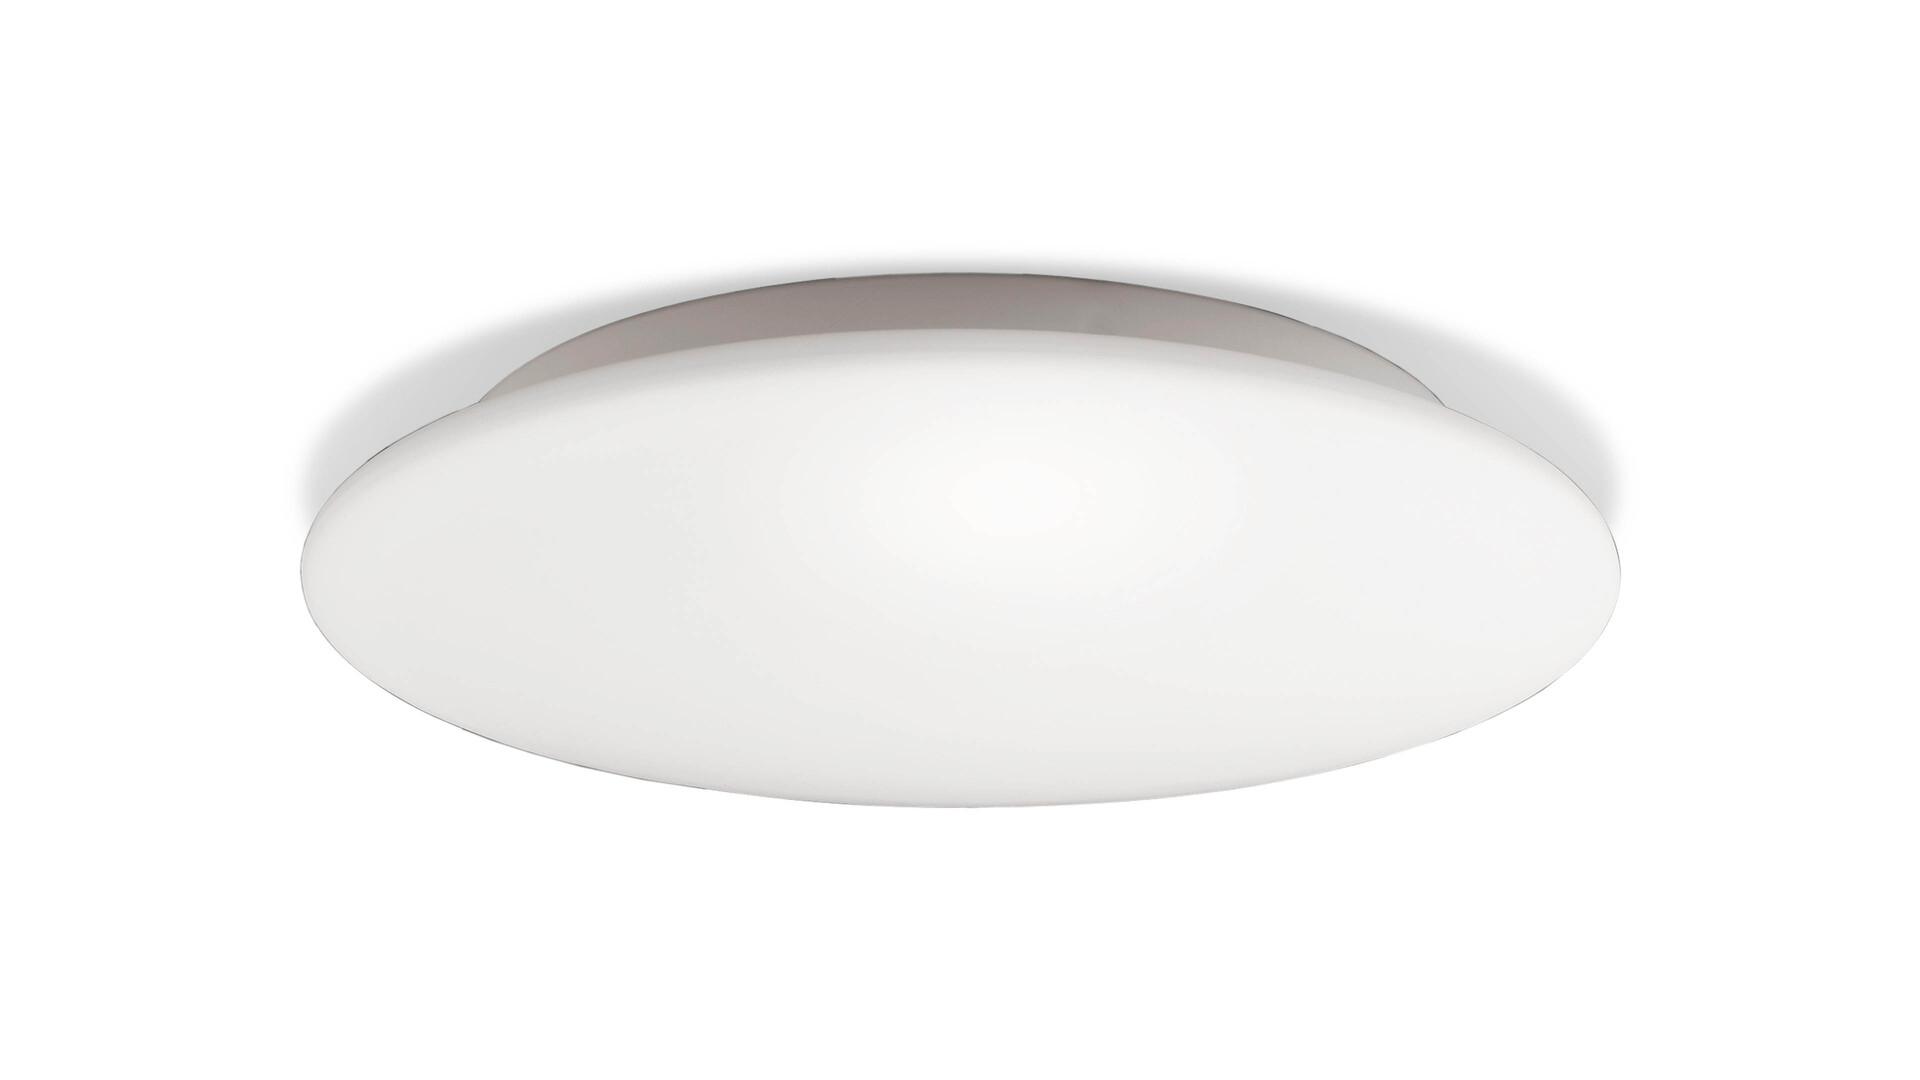 Deckenleuchte Blanco bzw. Deckenlampe